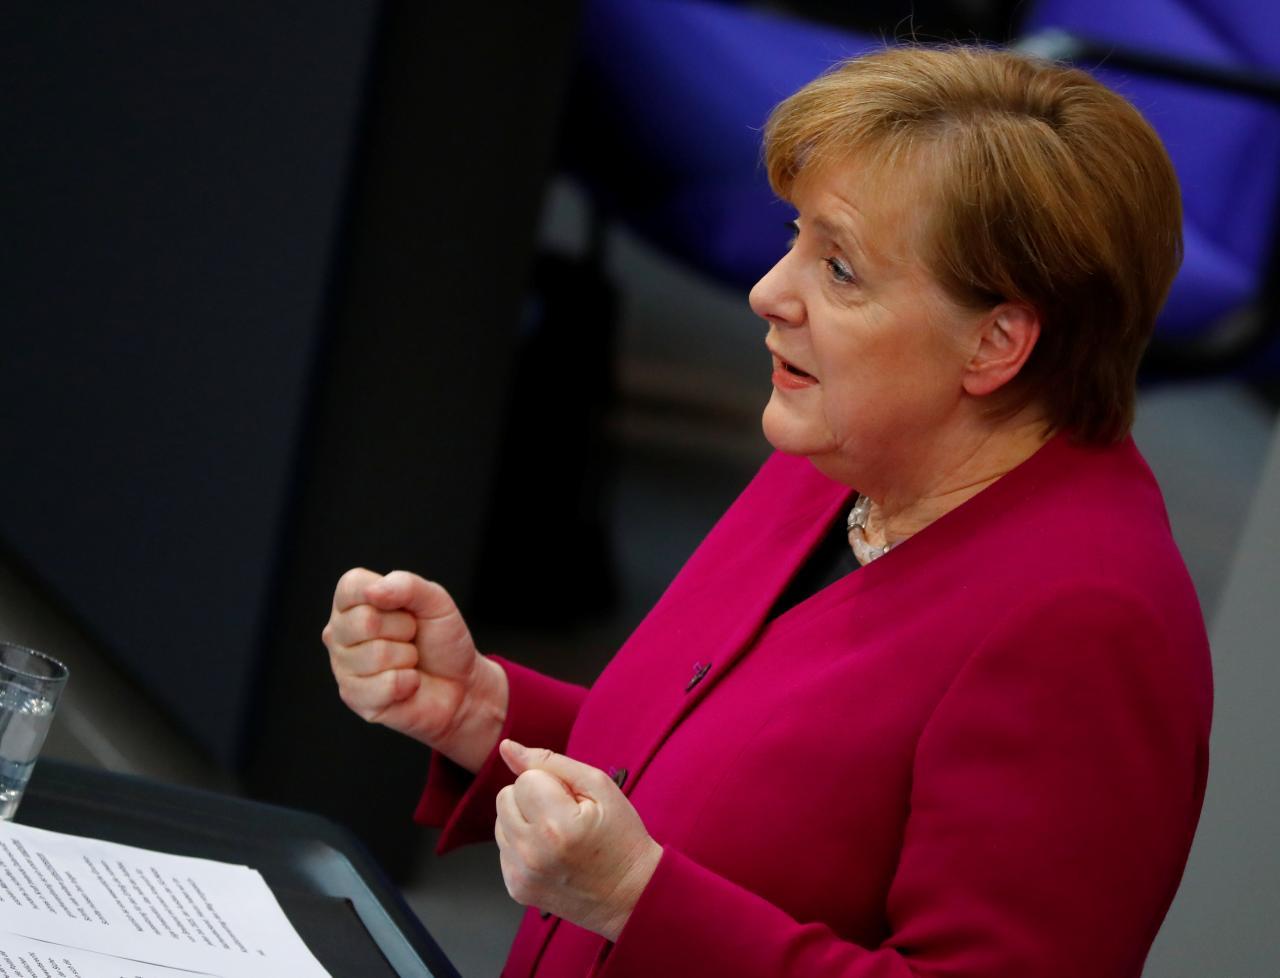 German Chancellor Angela Merkel condemns Turkey's Afrin offensive